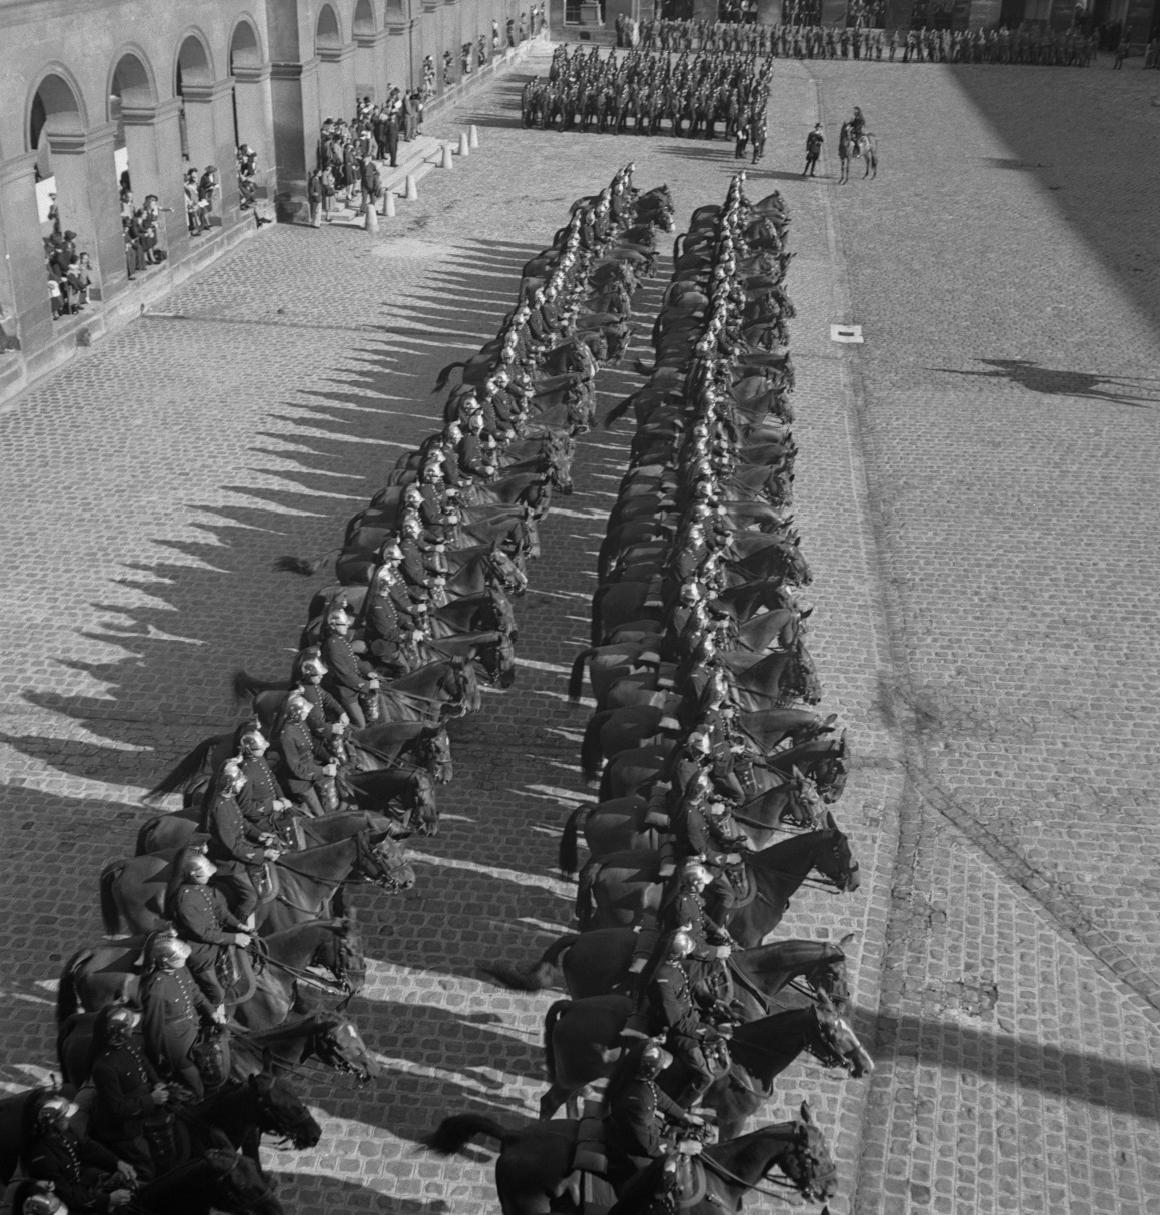 37. Затем под исполнение музыкантами из ВВС Полк Самбры-и-Мааса добровольцы проходят перед трибуной. Возглавляет легионеров капитан Демессин